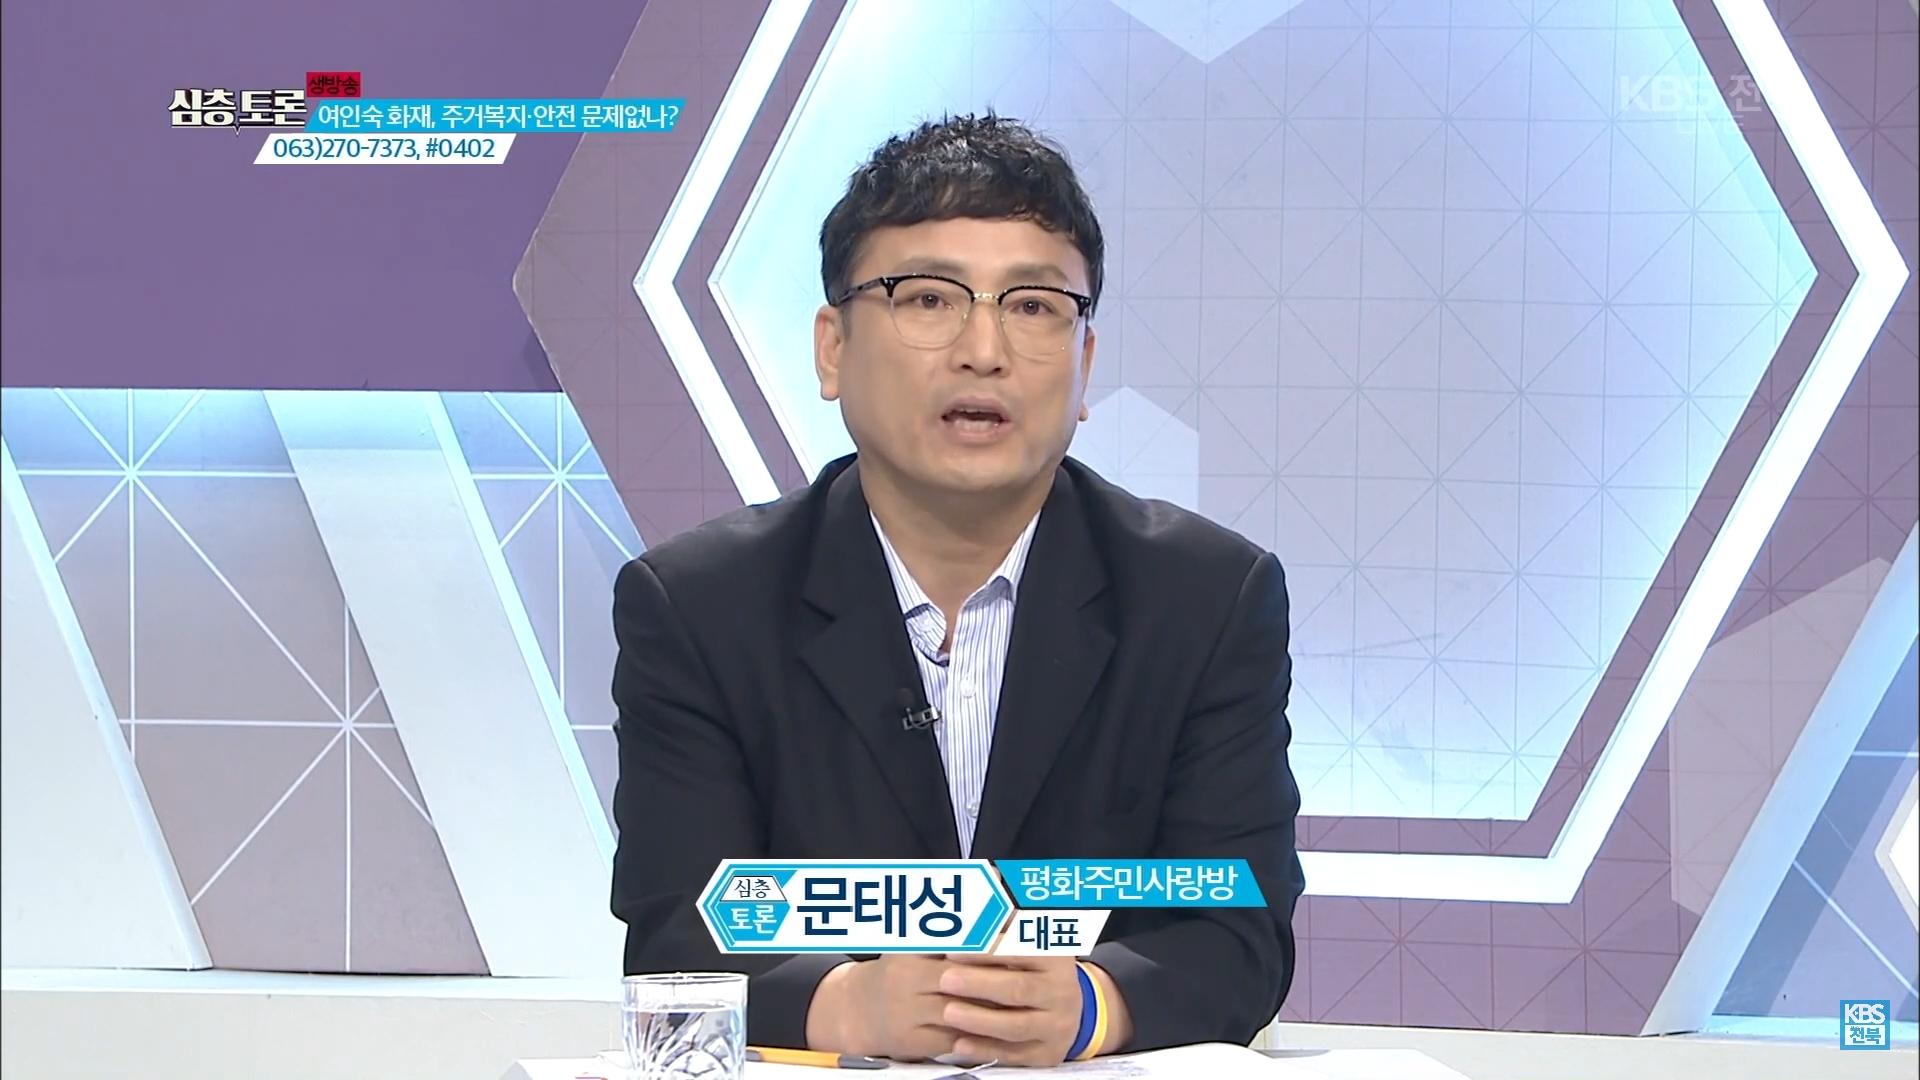 [19.9.4 KBS전주 생방송 심층토론] 전주 여인숙 화재, 주거복지·안전 문제없나2.jpg